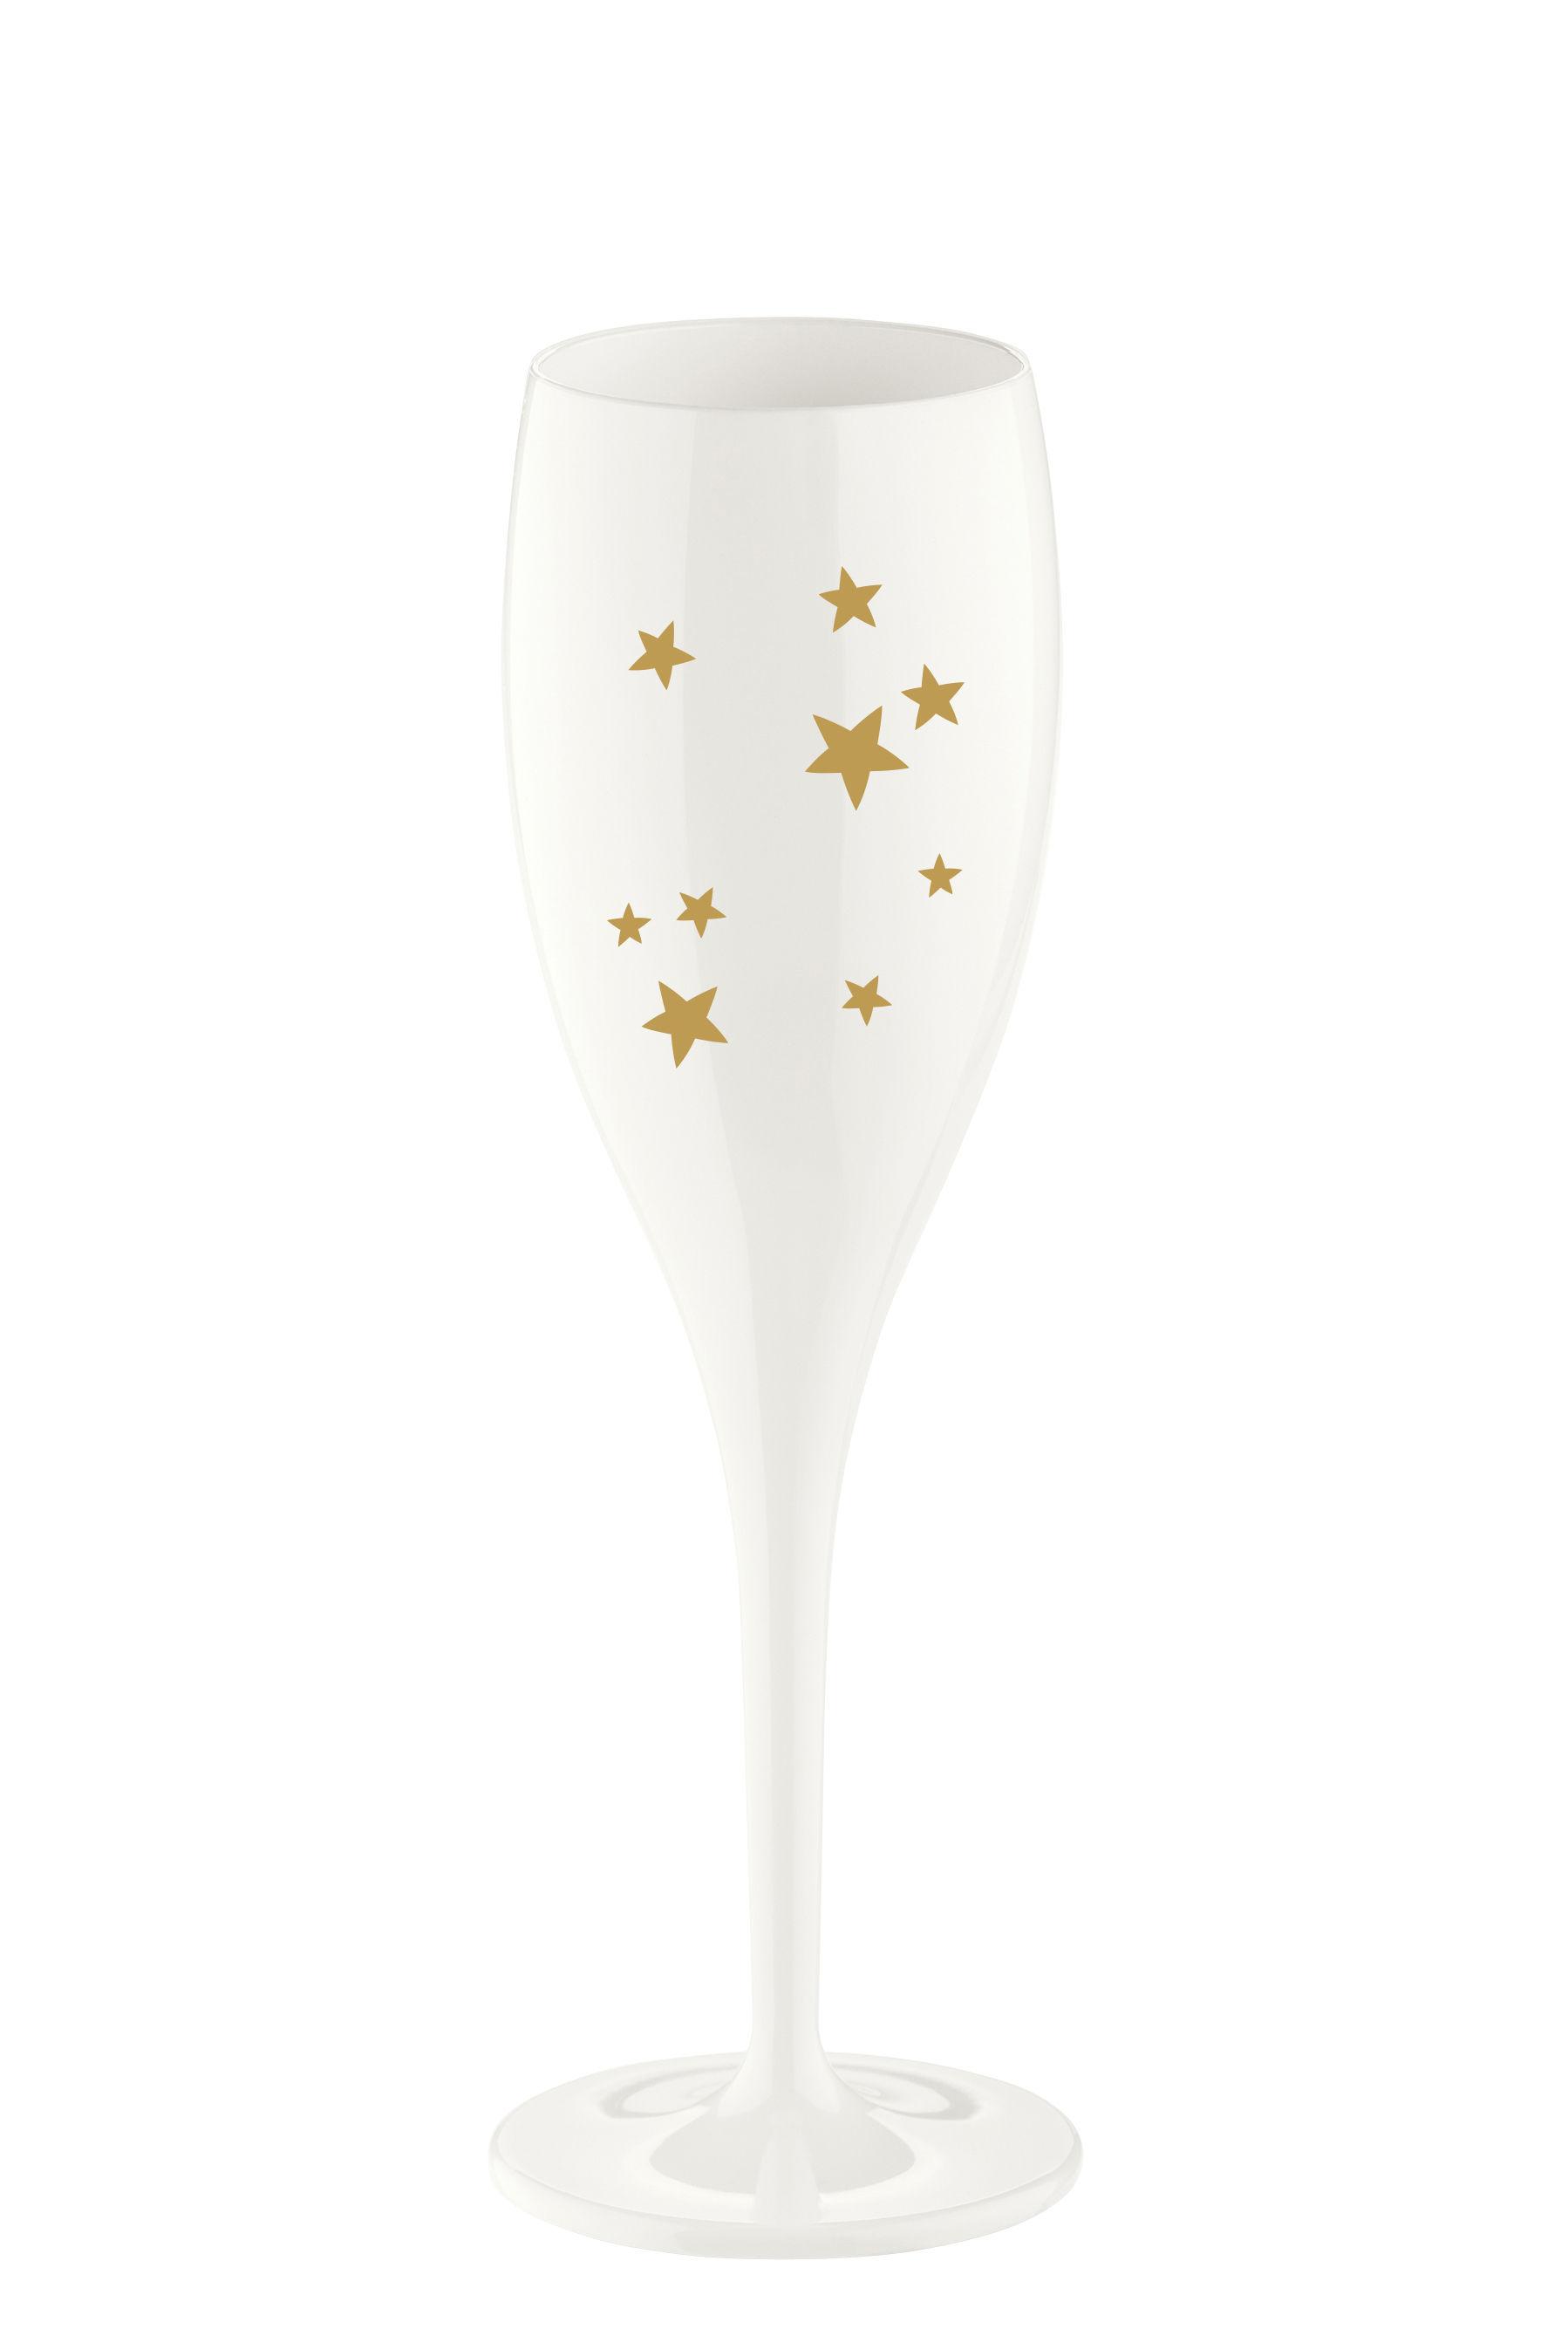 Arts de la table - Verres  - Flûte à champagne Cheers Stars / Plastique - Koziol - Blanc & Or - Plastique